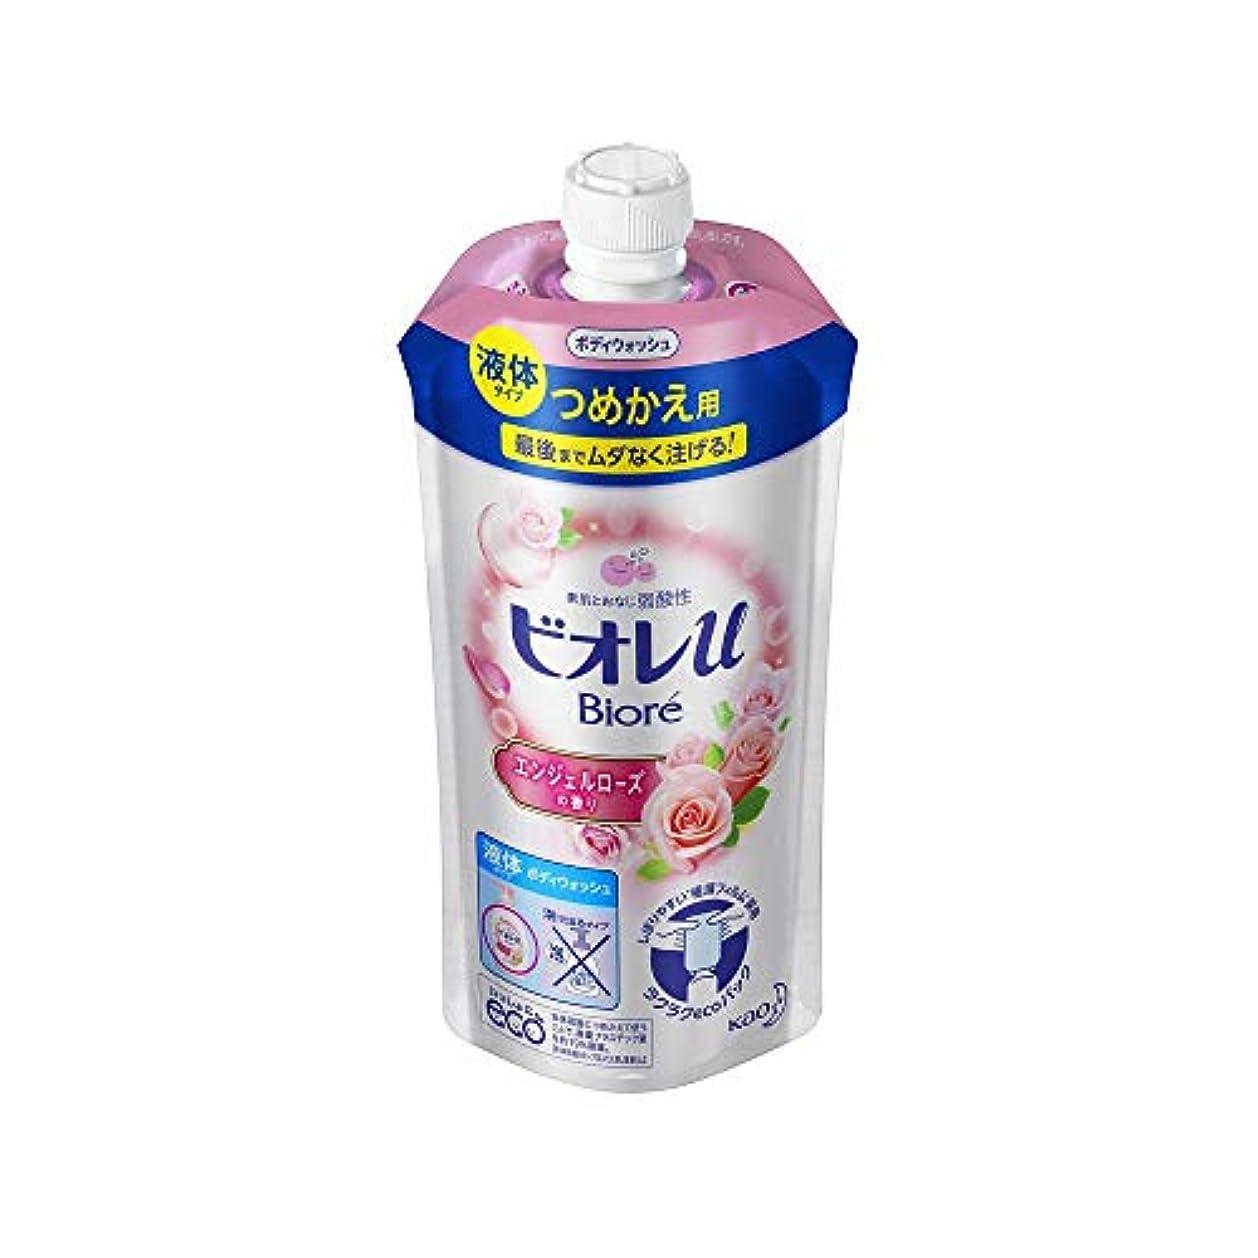 櫛重量ギャザー花王 ビオレu エンジェルローズの香りつめかえ用 340ML